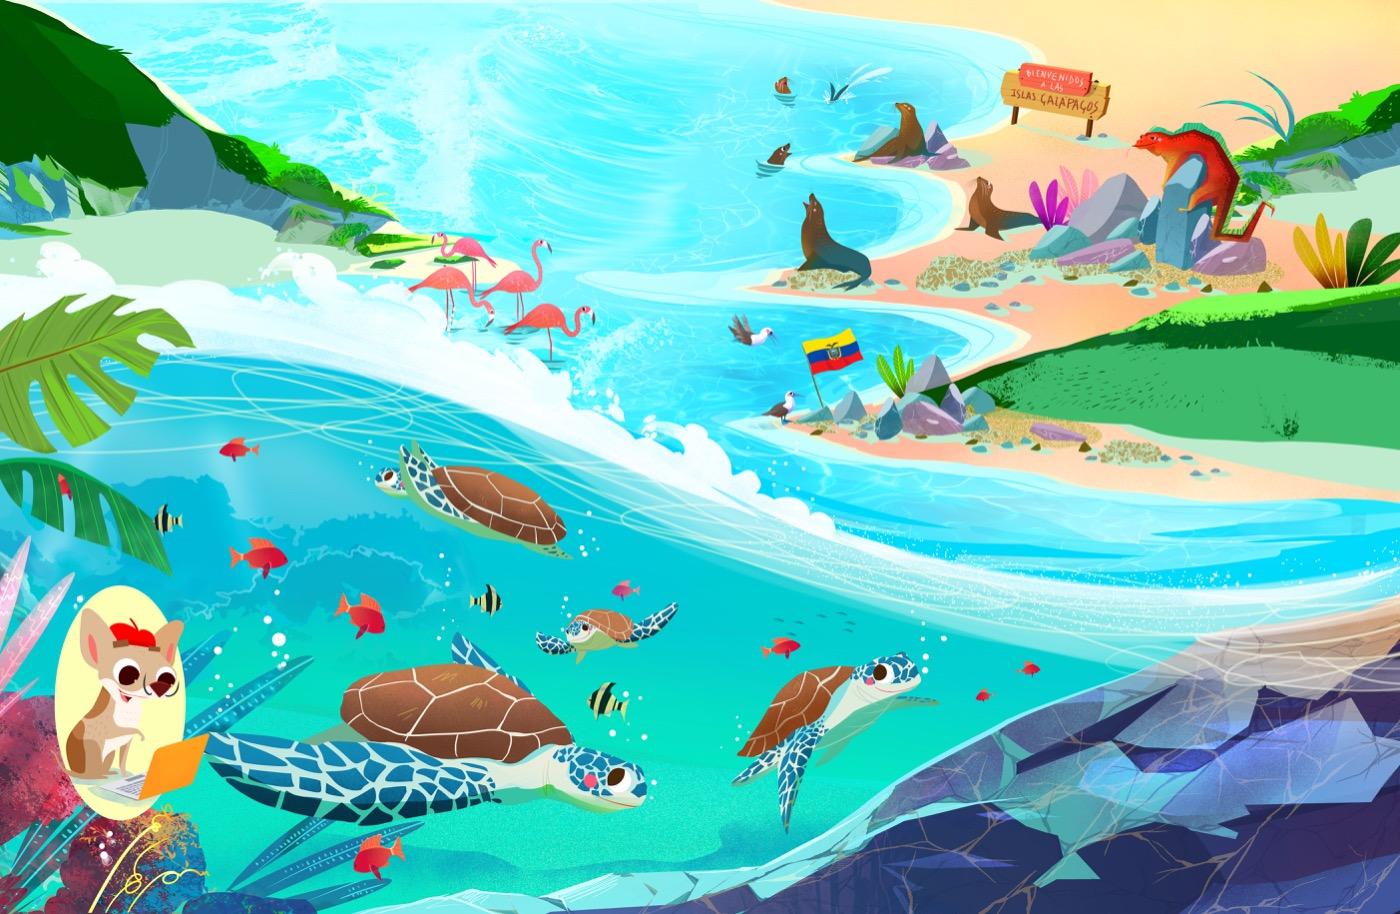 Veraneando-Gruppo editoriale Raffaello - Bellotti Elisa-Galapagos